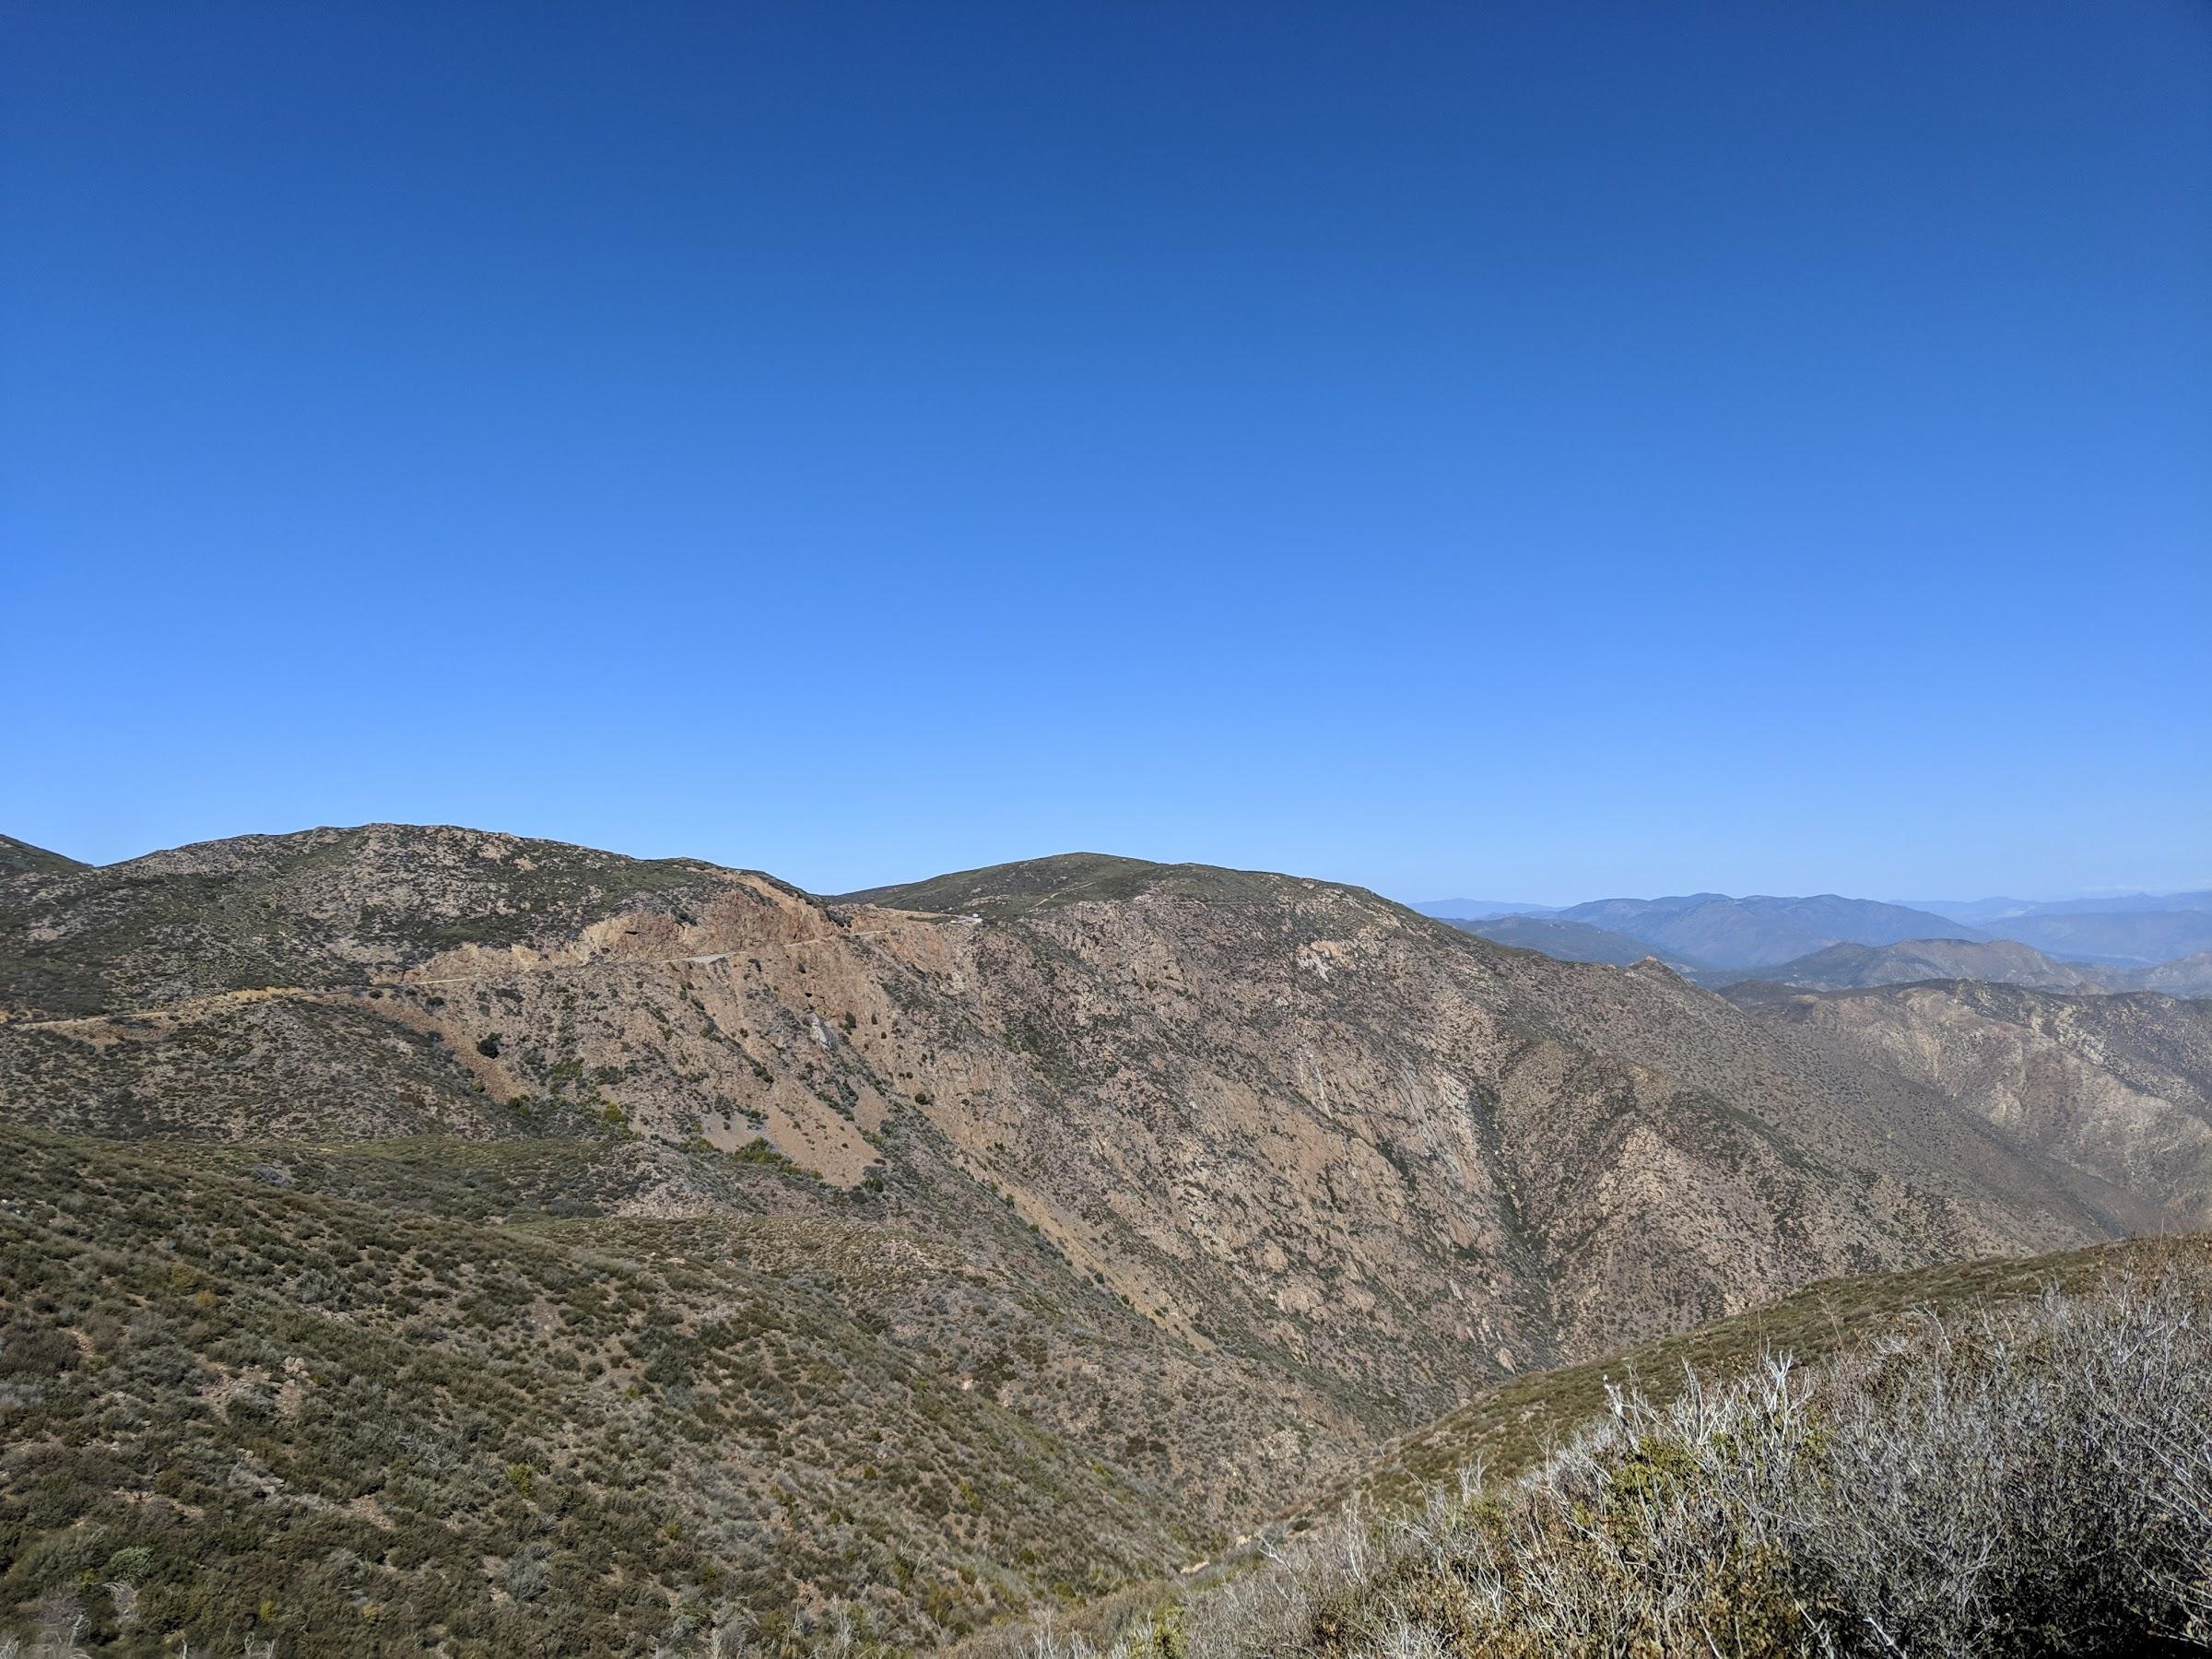 La fine ligne sur la montagne au loins est le lieu de la prochaine photo • The fine line on the far mountain is where the next photo was taken